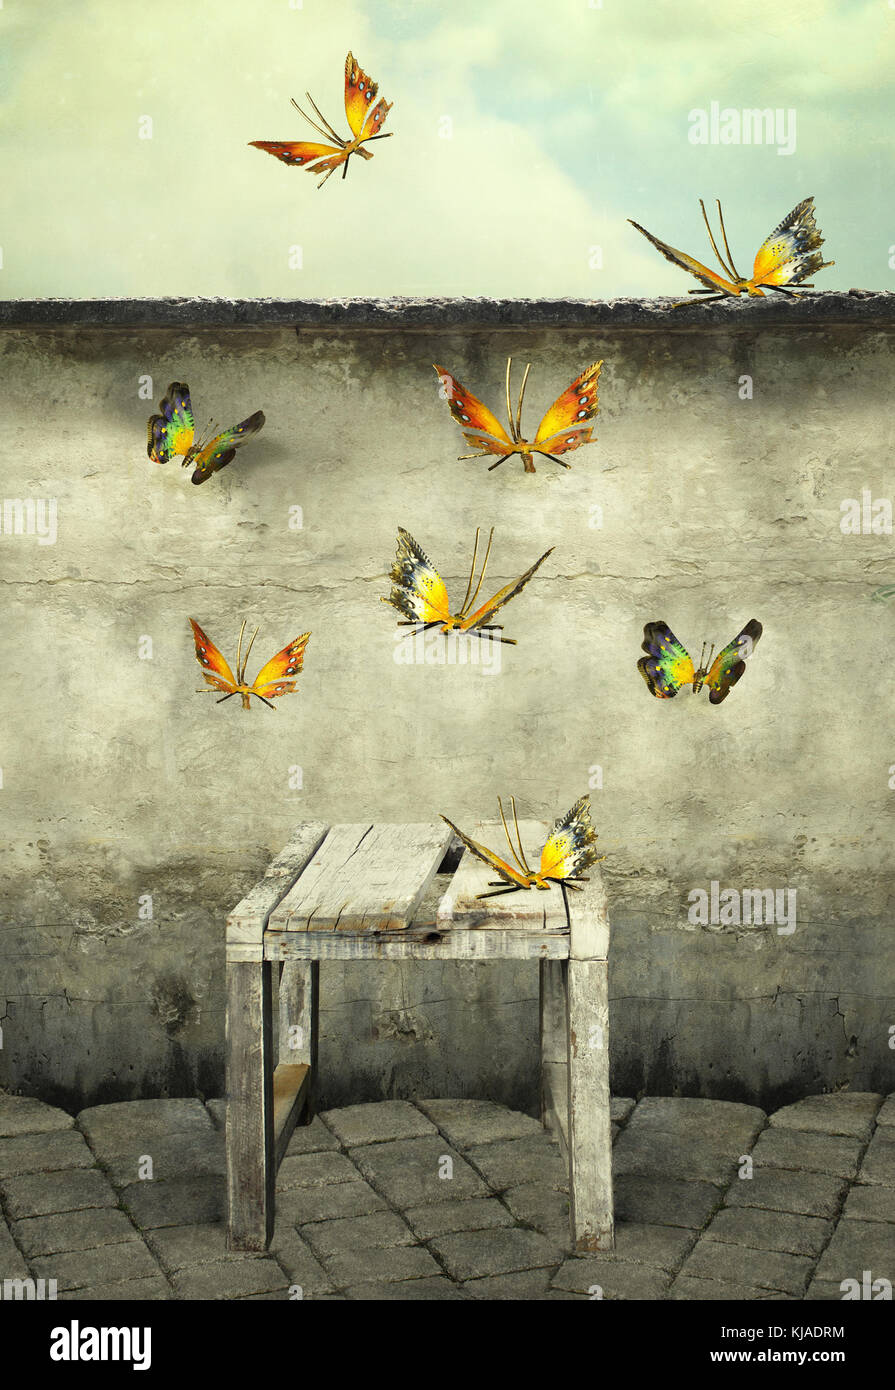 Viele bunte Schmetterlinge in den Himmel fliegen mit einem Peeling und einer Sitzbank, illustrative Foto und künstlerische Stockbild